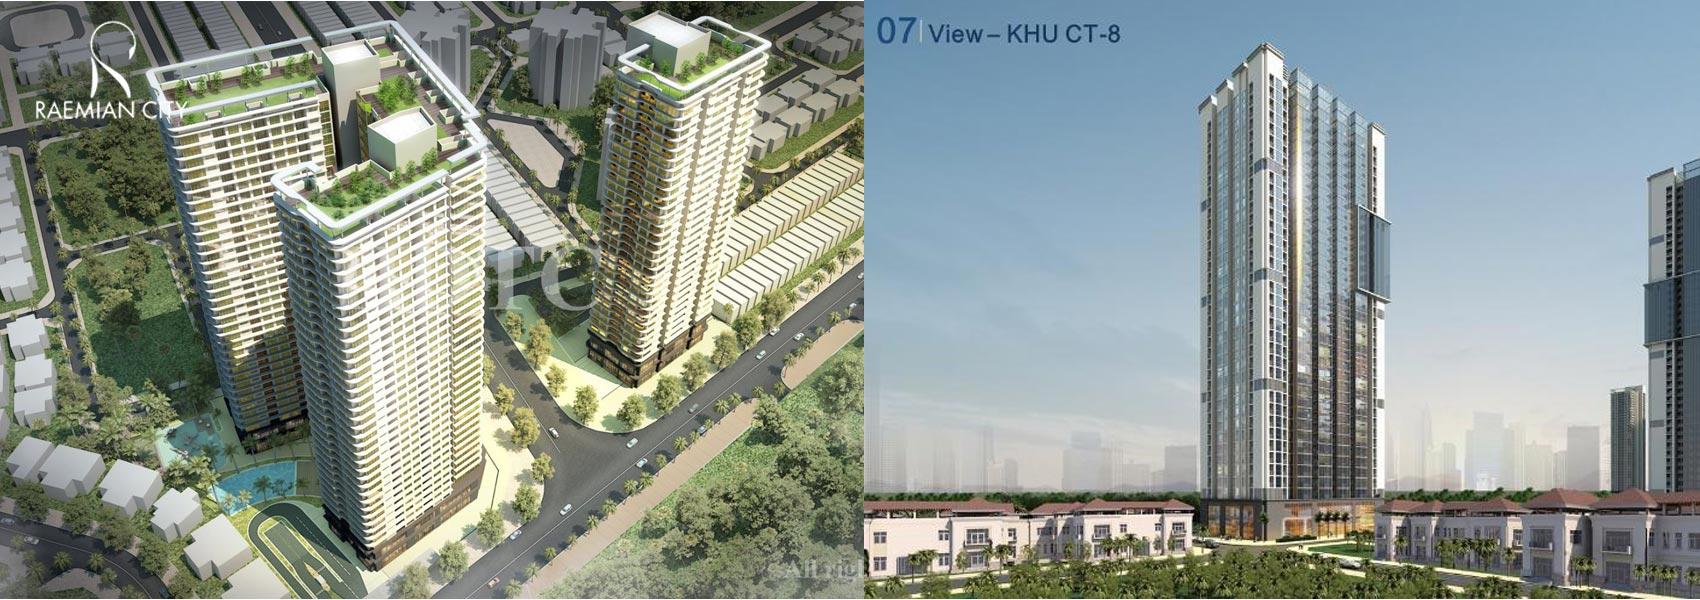 Mua bán cho thuê dự án căn hộ chung cư Raemian City Quận 2 Phường An Phú An Khánh chủ đầu tư HDTC